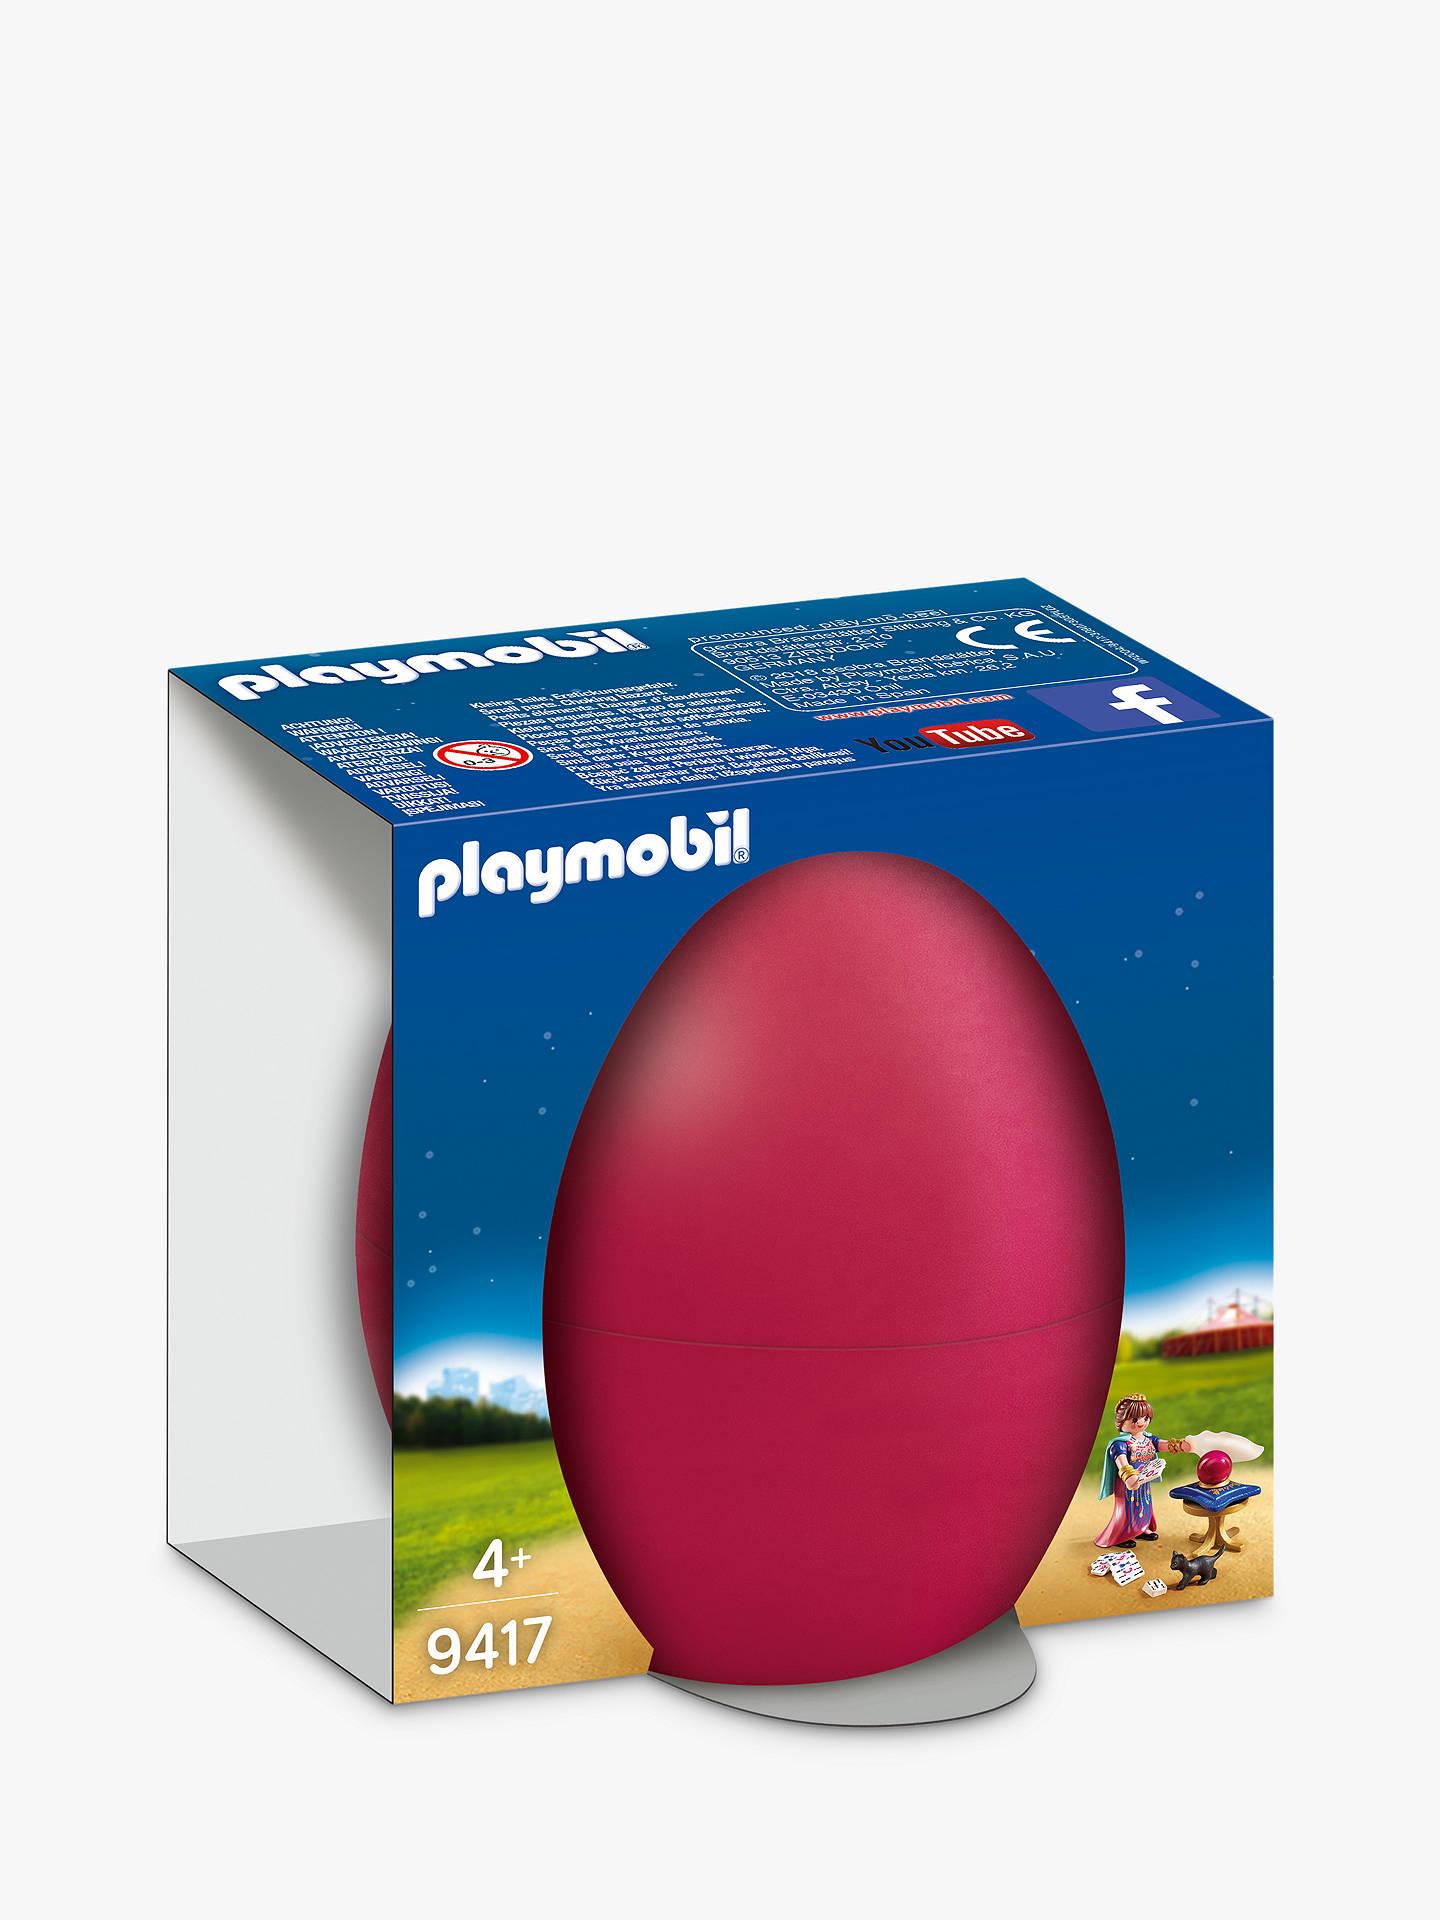 Playmobil 9417 Fortune Teller Easter Gift Egg